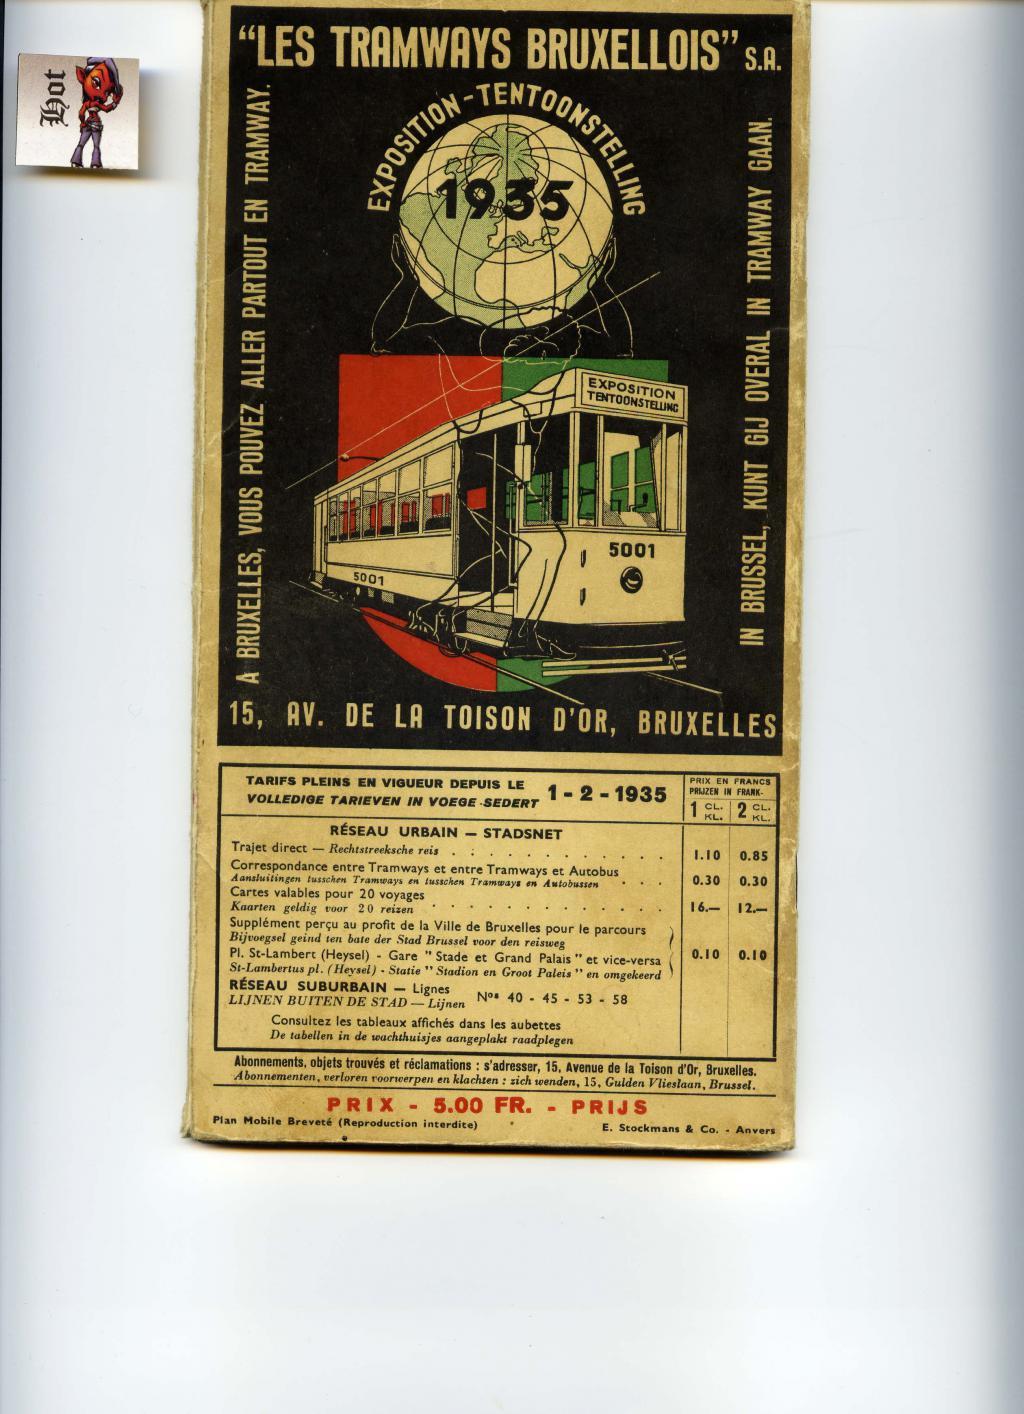 Horaires des trams Bruxellois . Expo de 1935 Tram-brux-54c330e